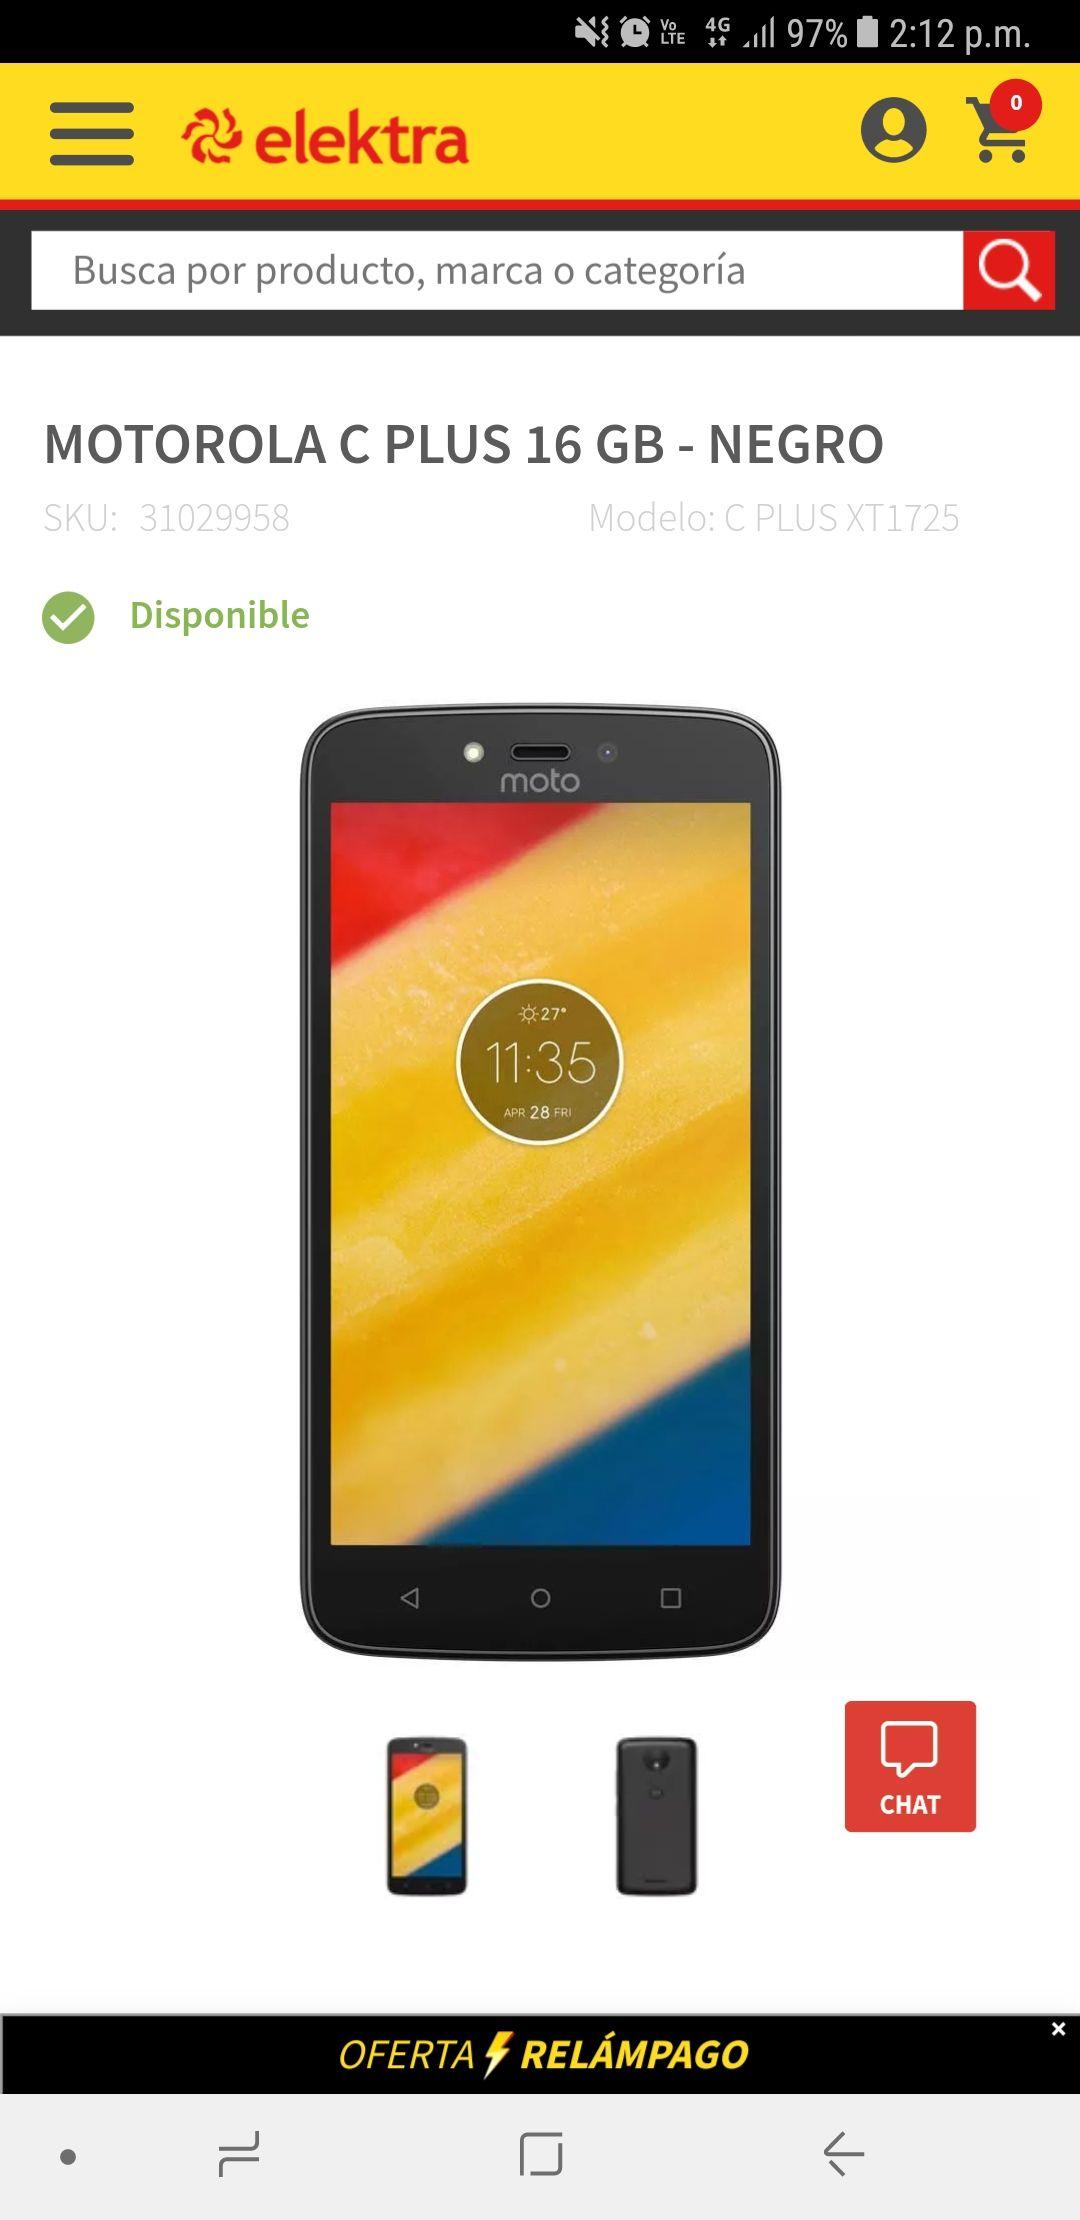 Elektra: Motorola Moto C PLUS 16 GB - NEGRO